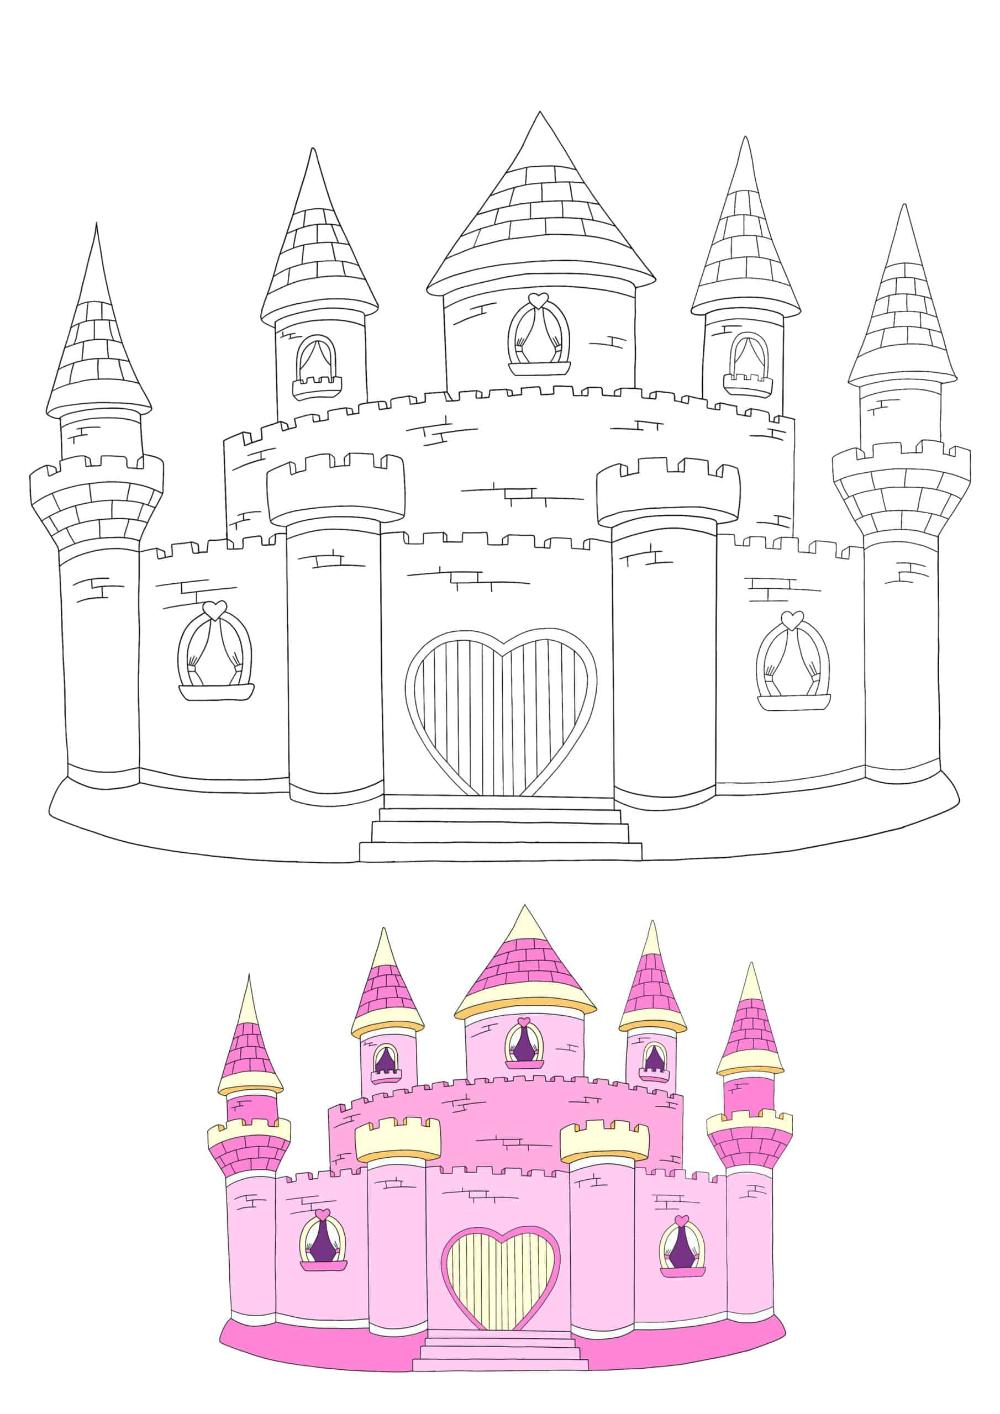 Princess Castle Coloring Pages 2 Free Coloring Sheets 2020 Princess Coloring Pages Disney Princess Palace Pets Disney Princess Aurora